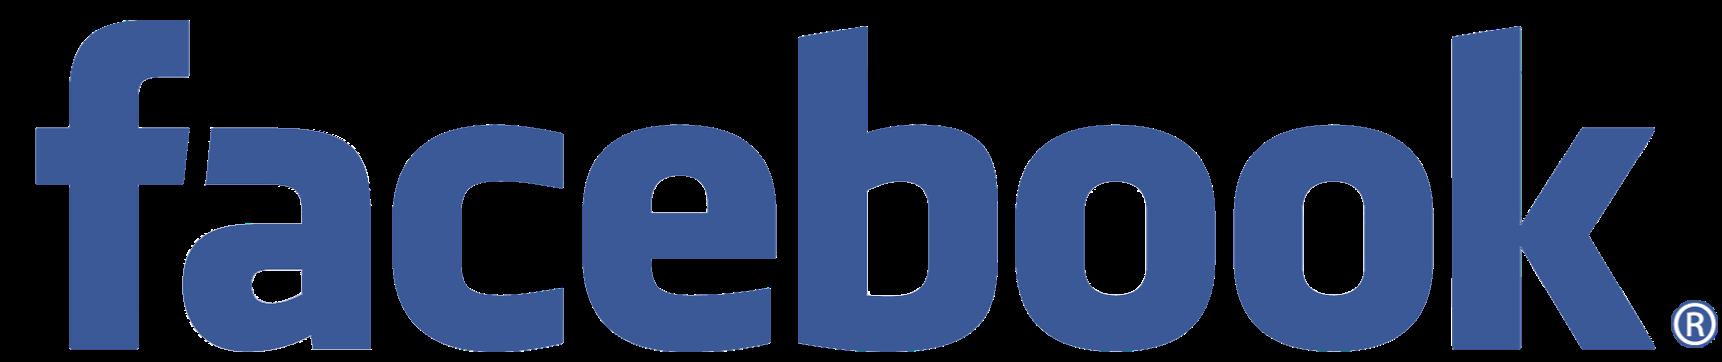 logo facebook texto